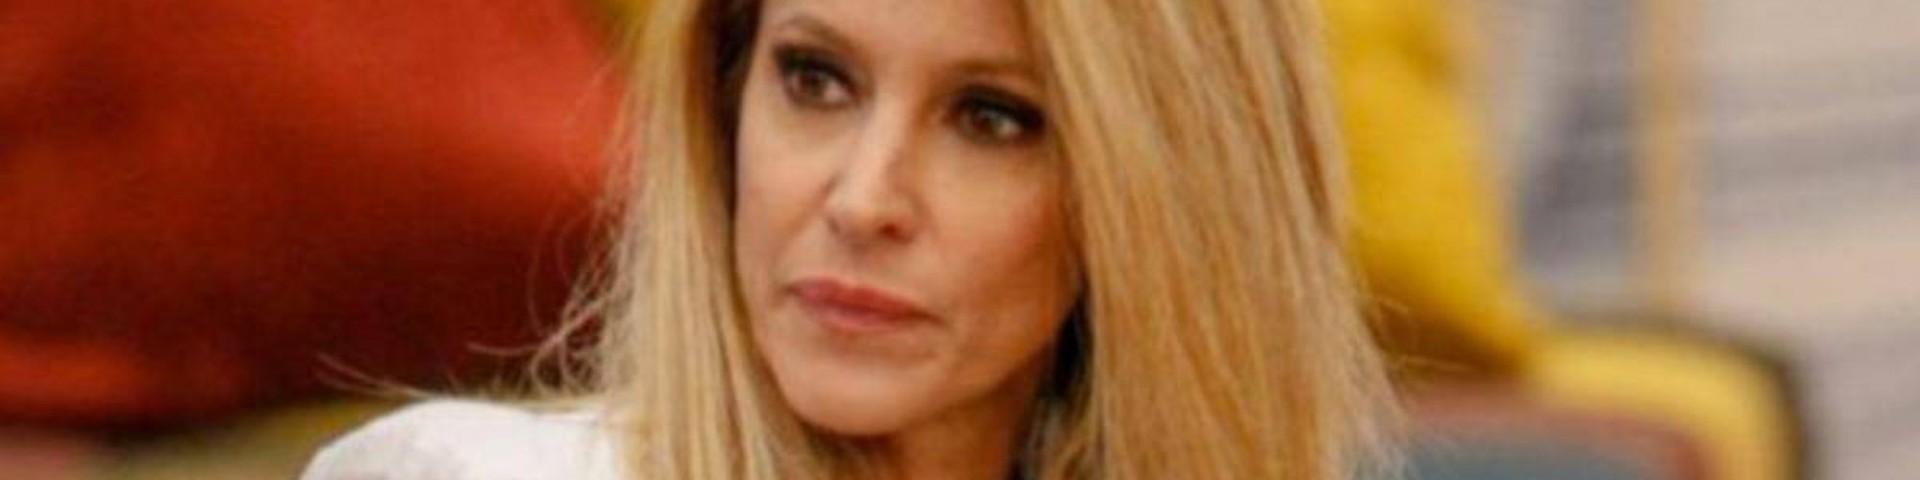 Ecco perché Adriana Volpe ha lasciato il Grande Fratello Vip (Video)